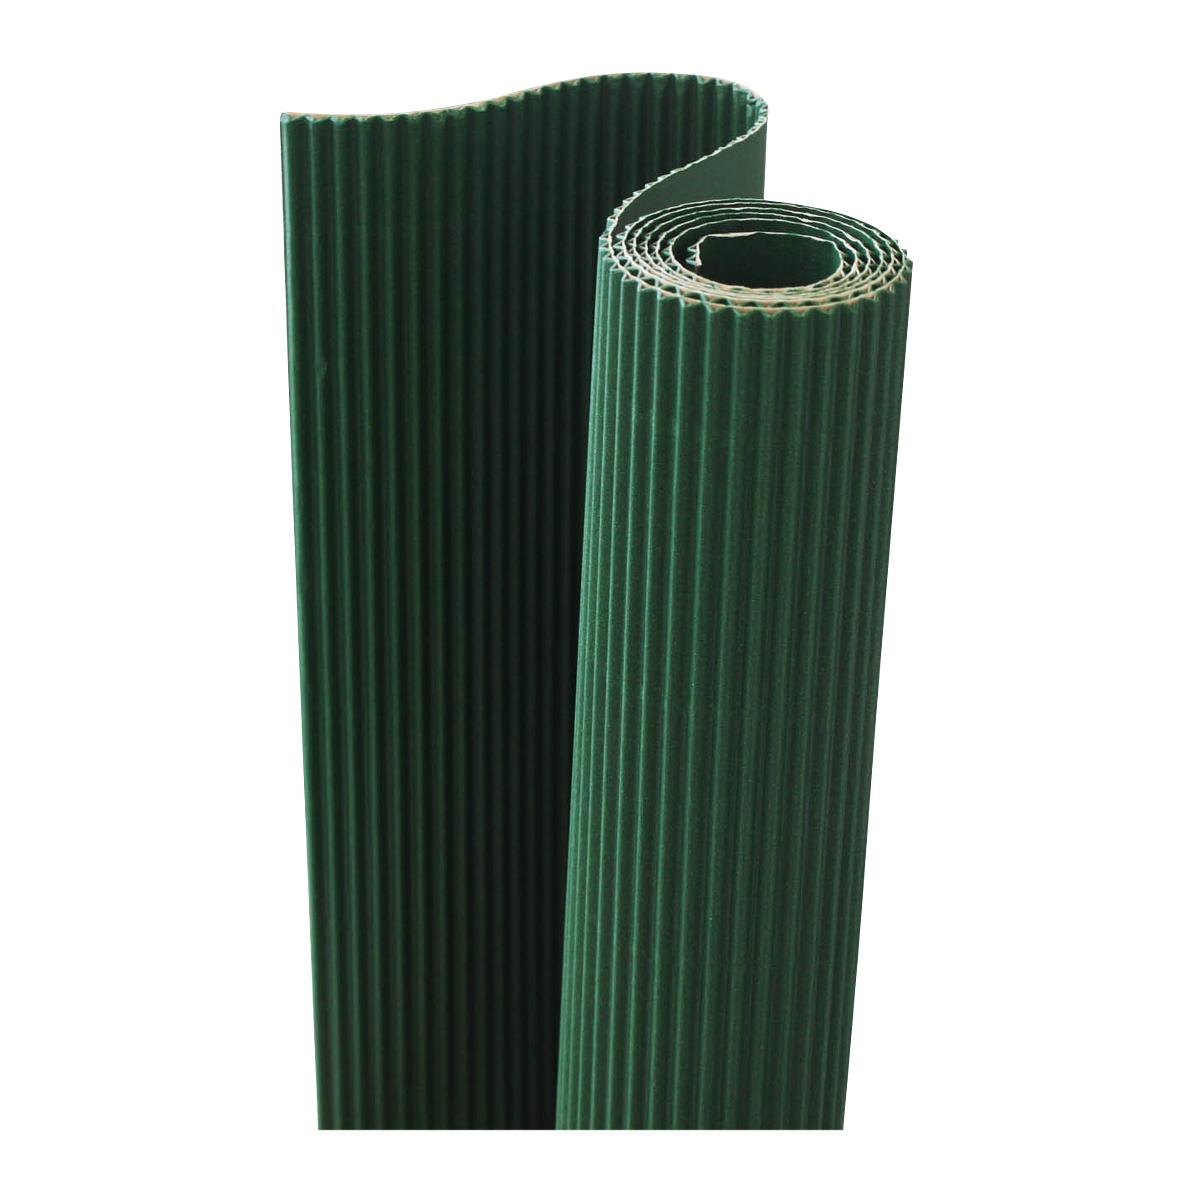 Картон гофрированный Folia, цвет: темно-зеленый, 50 х 70 см. 77108887710888_58 темно-зеленый